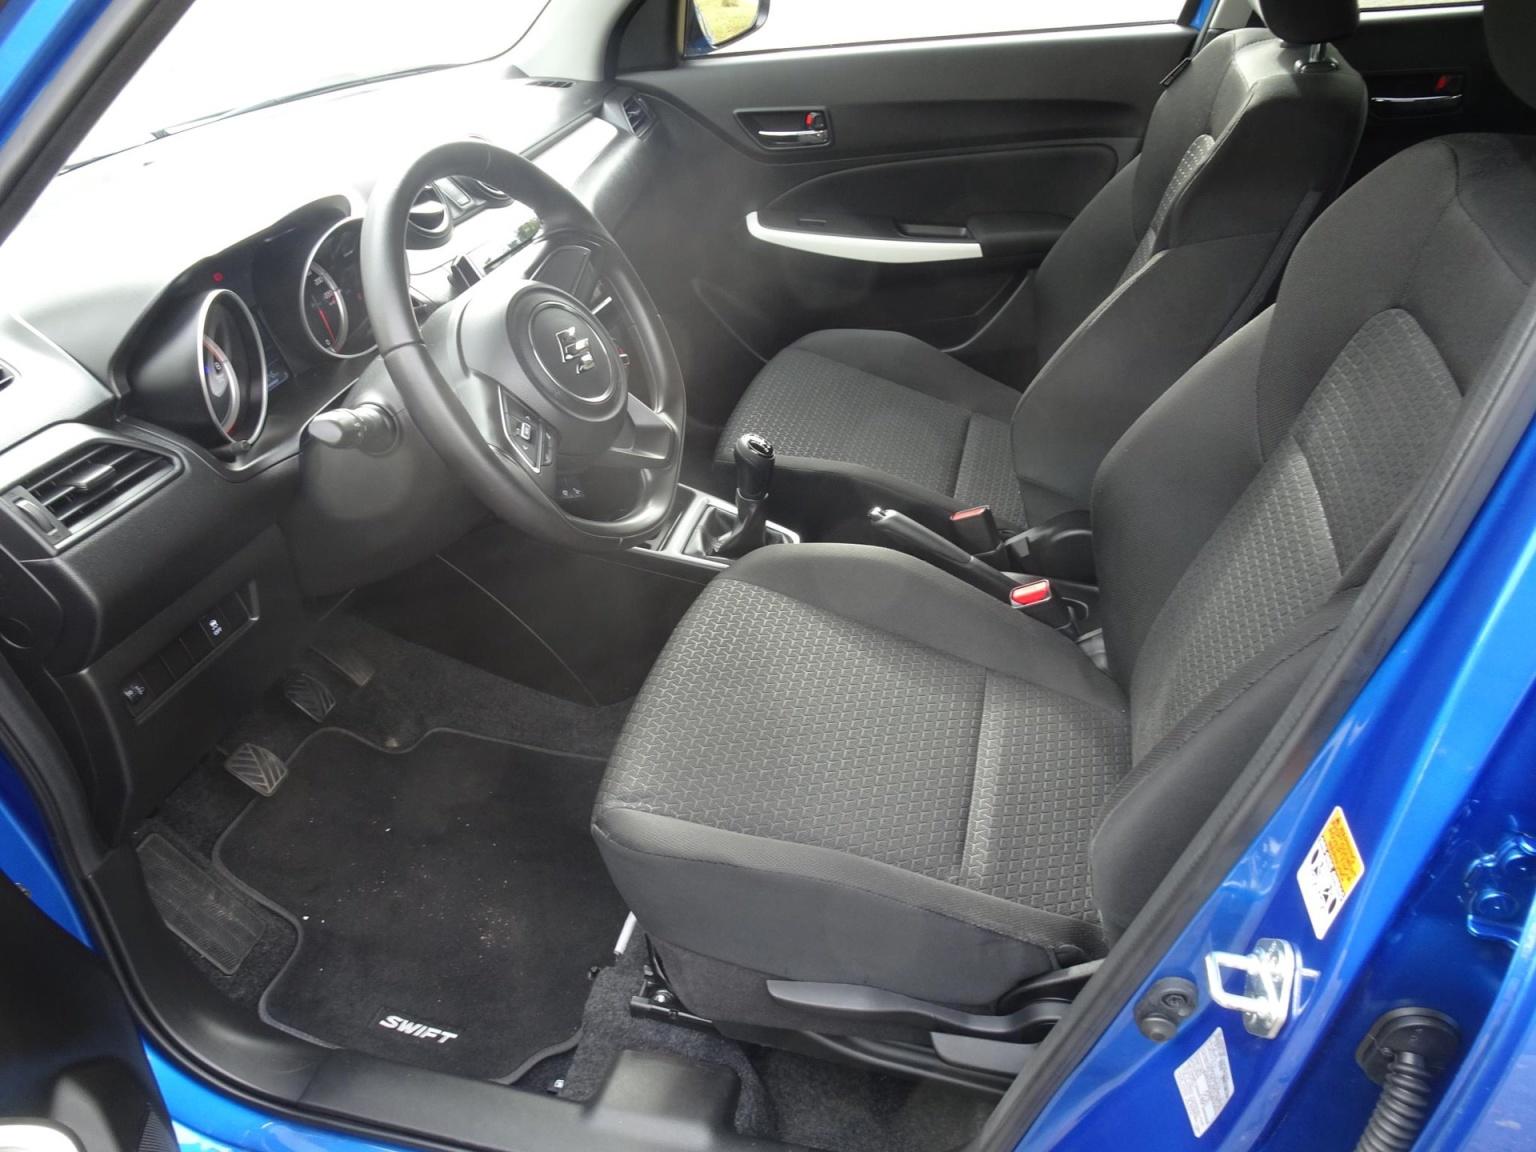 Suzuki-Swift-17